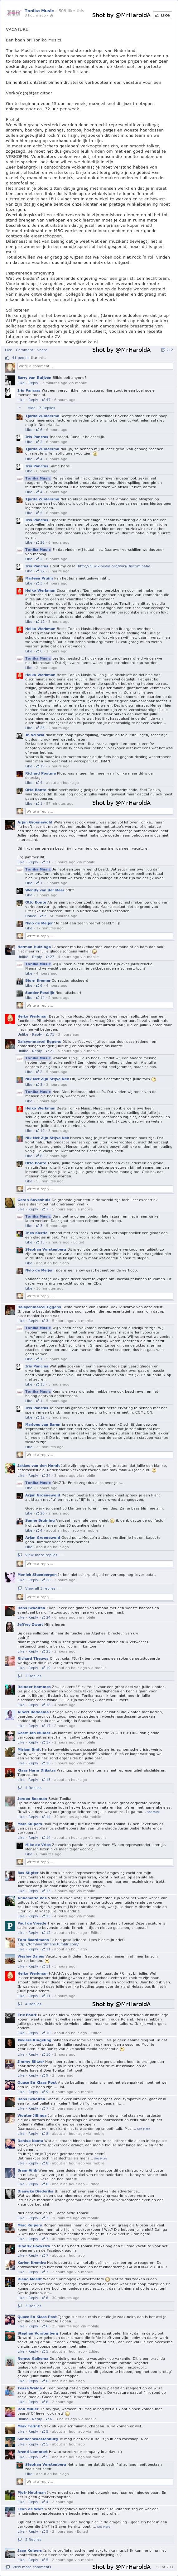 tonika vacature verkoopmedewerker facebook